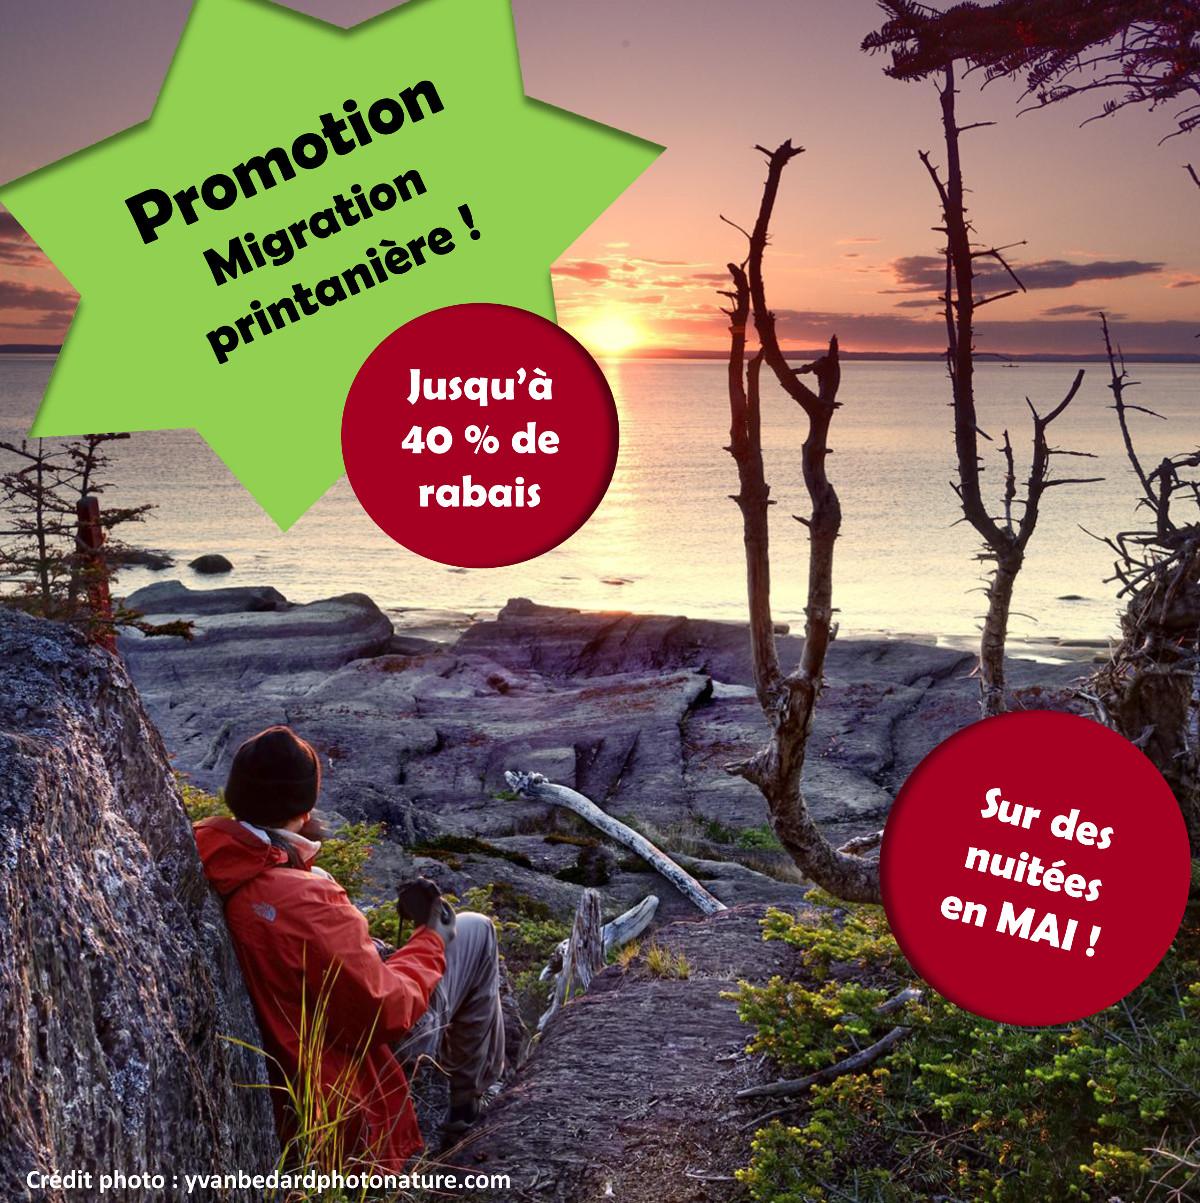 Affiche Promotion Migration printannière! Jusqu'à 40% de rabais sur des nuitées en mai! au Parc naturel et historique de l'île aux Basques